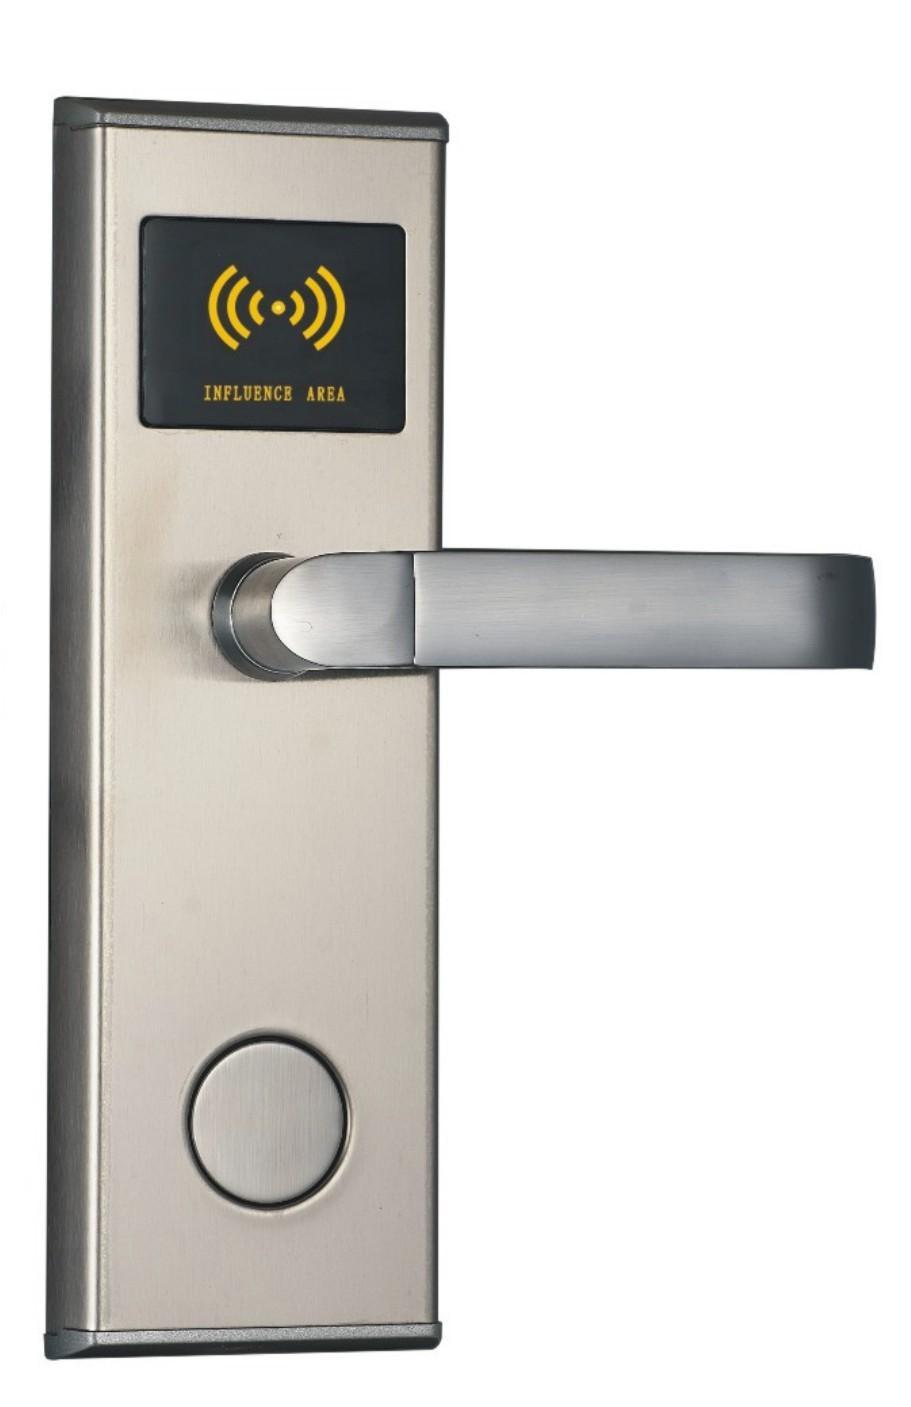 济南RF-11YY电子锁IC卡感应锁